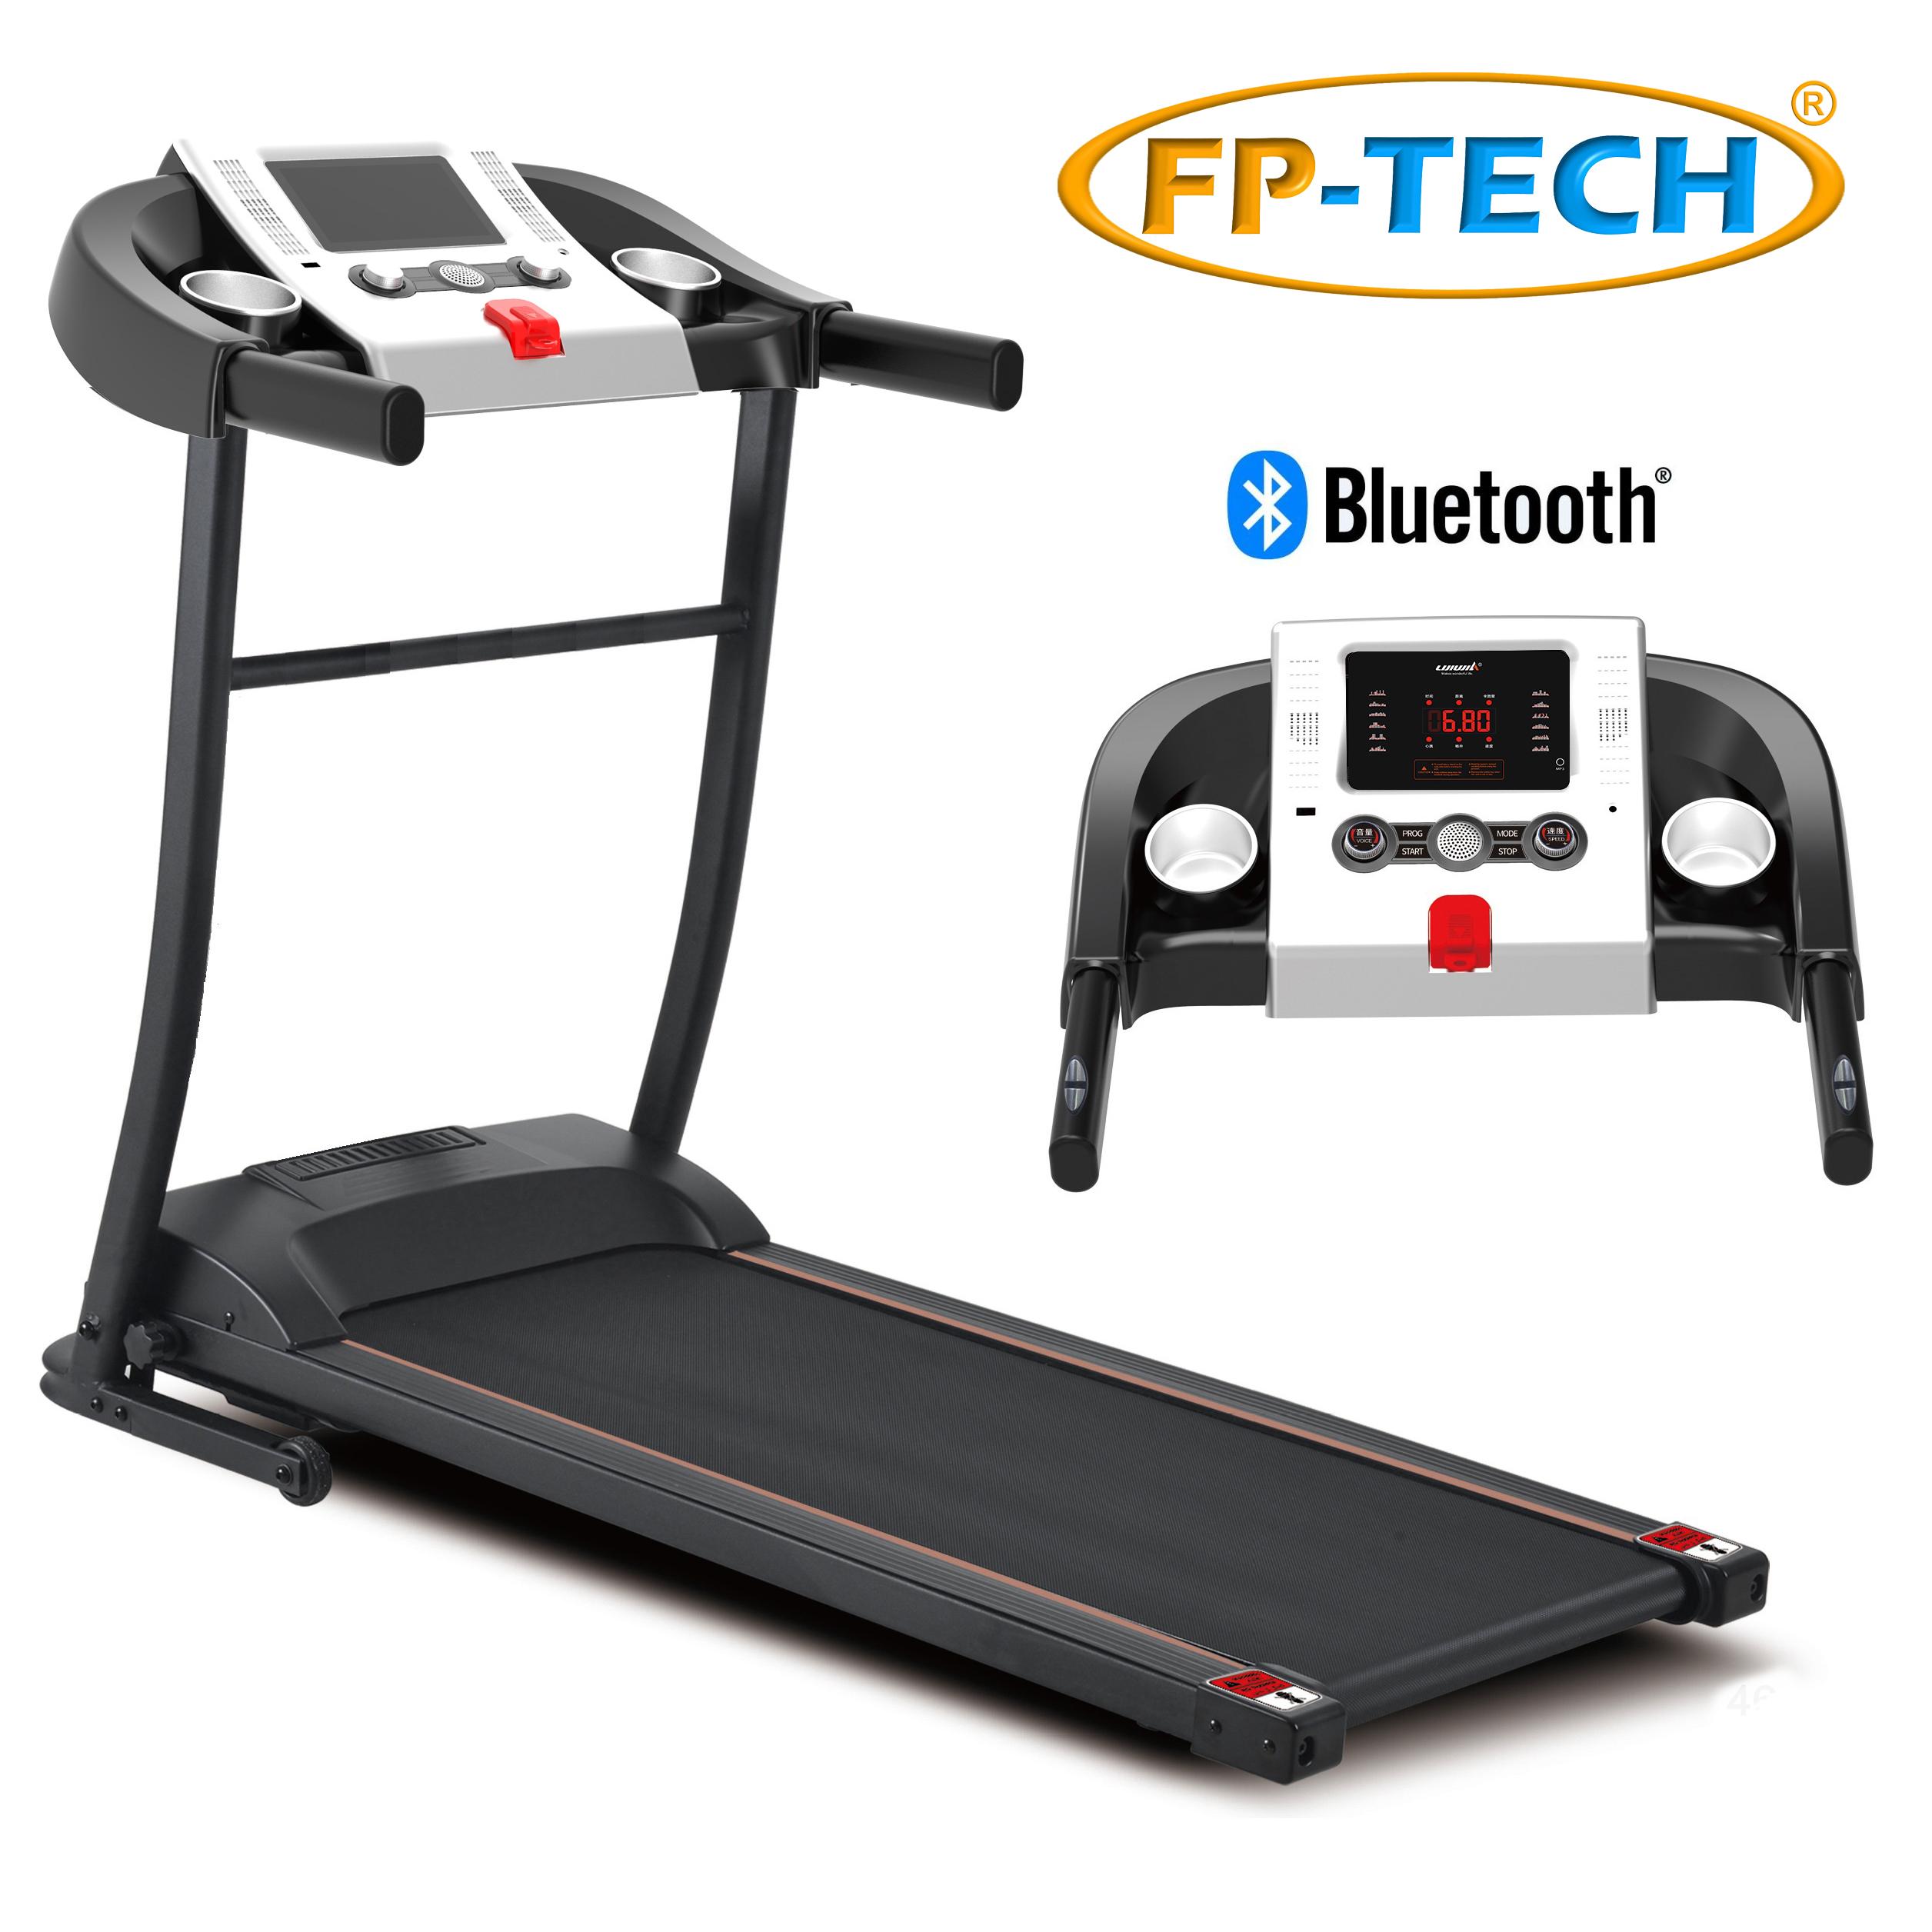 Bande de Remplacement Tapis Roulant Treadmill Band Spare Part toutes Dimensions